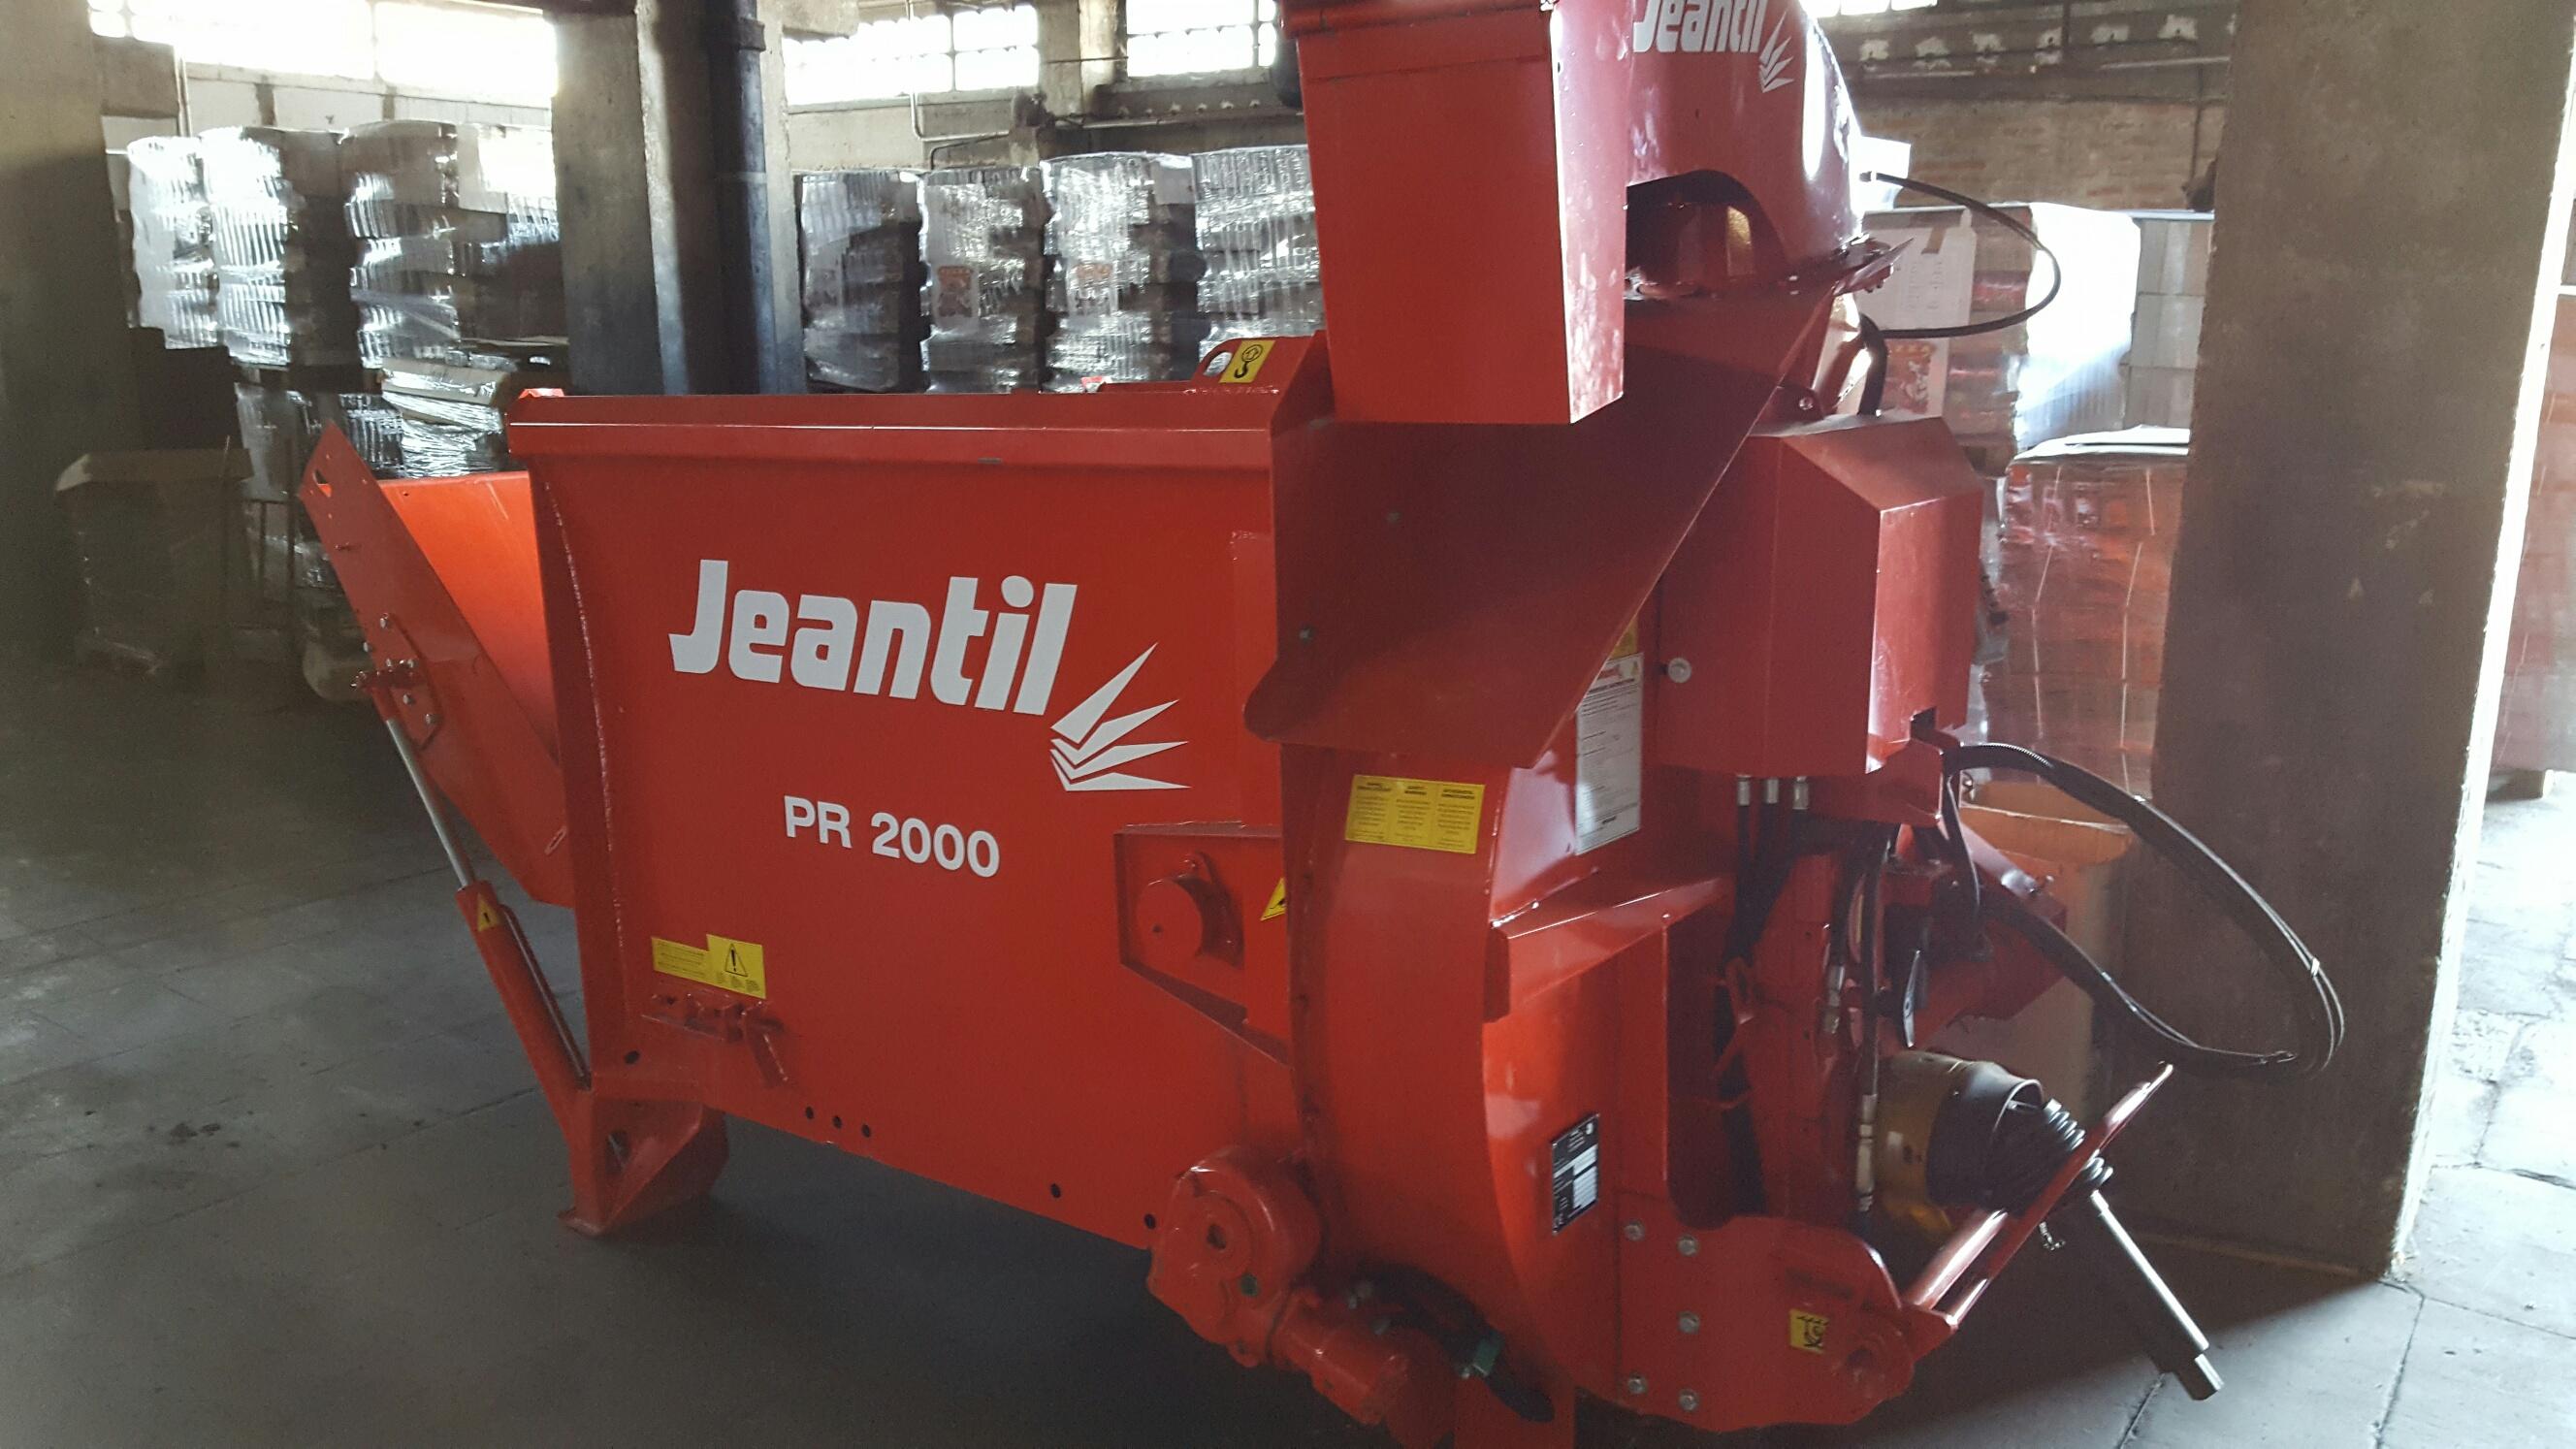 Fresadora de madera jeantil jeantil pr 2000 maquinas de - Fresadora de madera ...